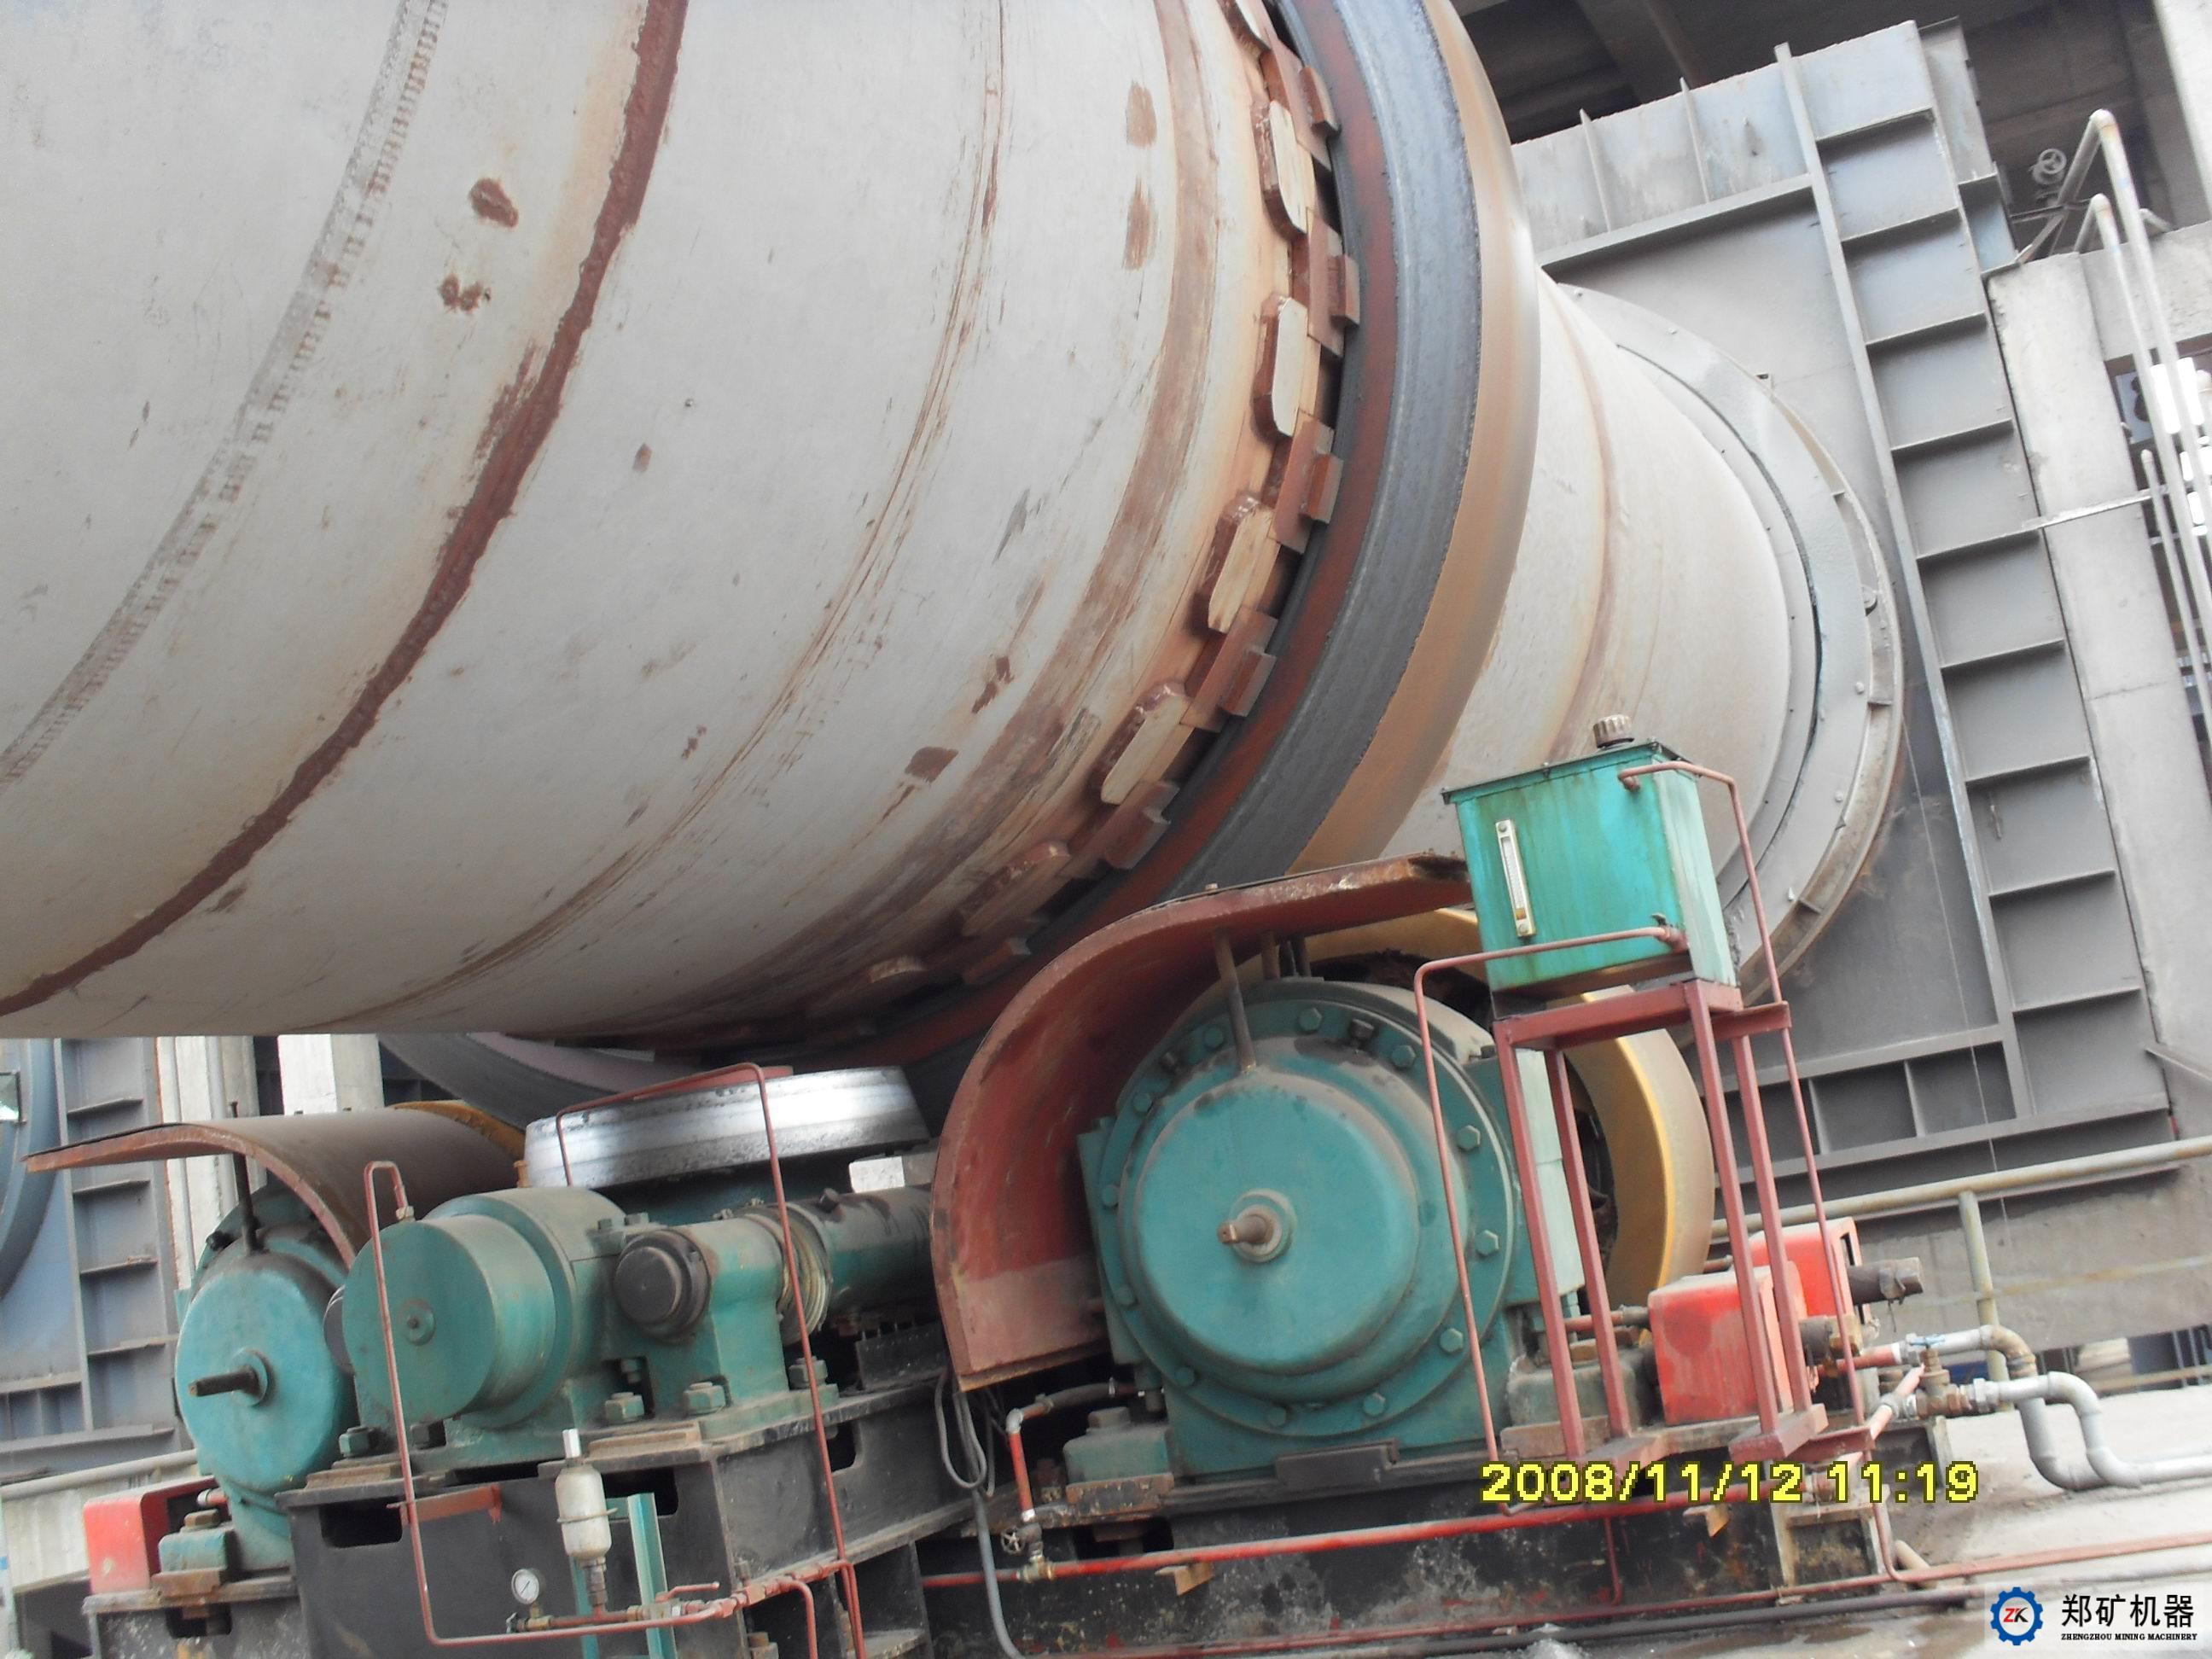 采用在大型回转窑上,液压挡轮主要由挡轮及挡轮轴,轴承体及滚动轴承图片